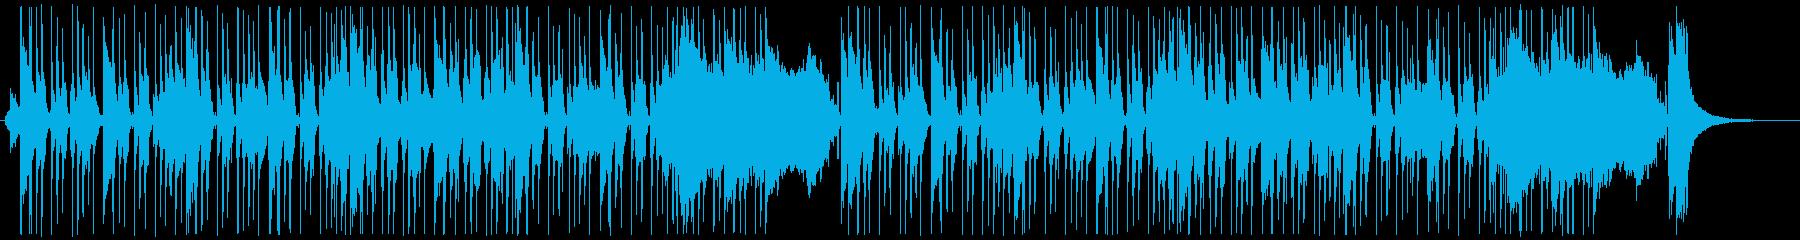 [生ギター]日常のんびりブルースの再生済みの波形